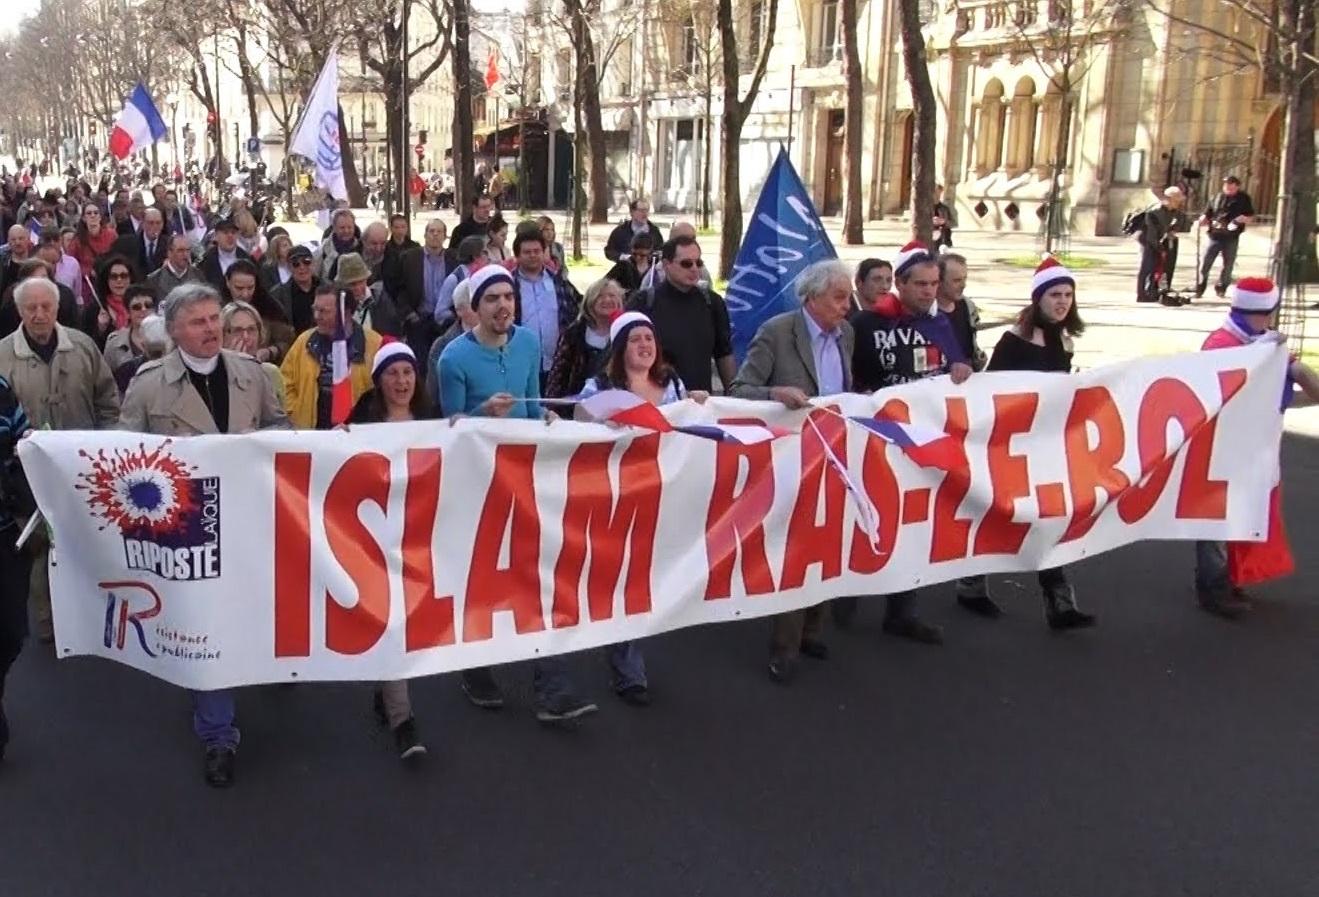 Des manifestants d'extrême droite brandissent un slogan de Riposte Laïque. D. R.